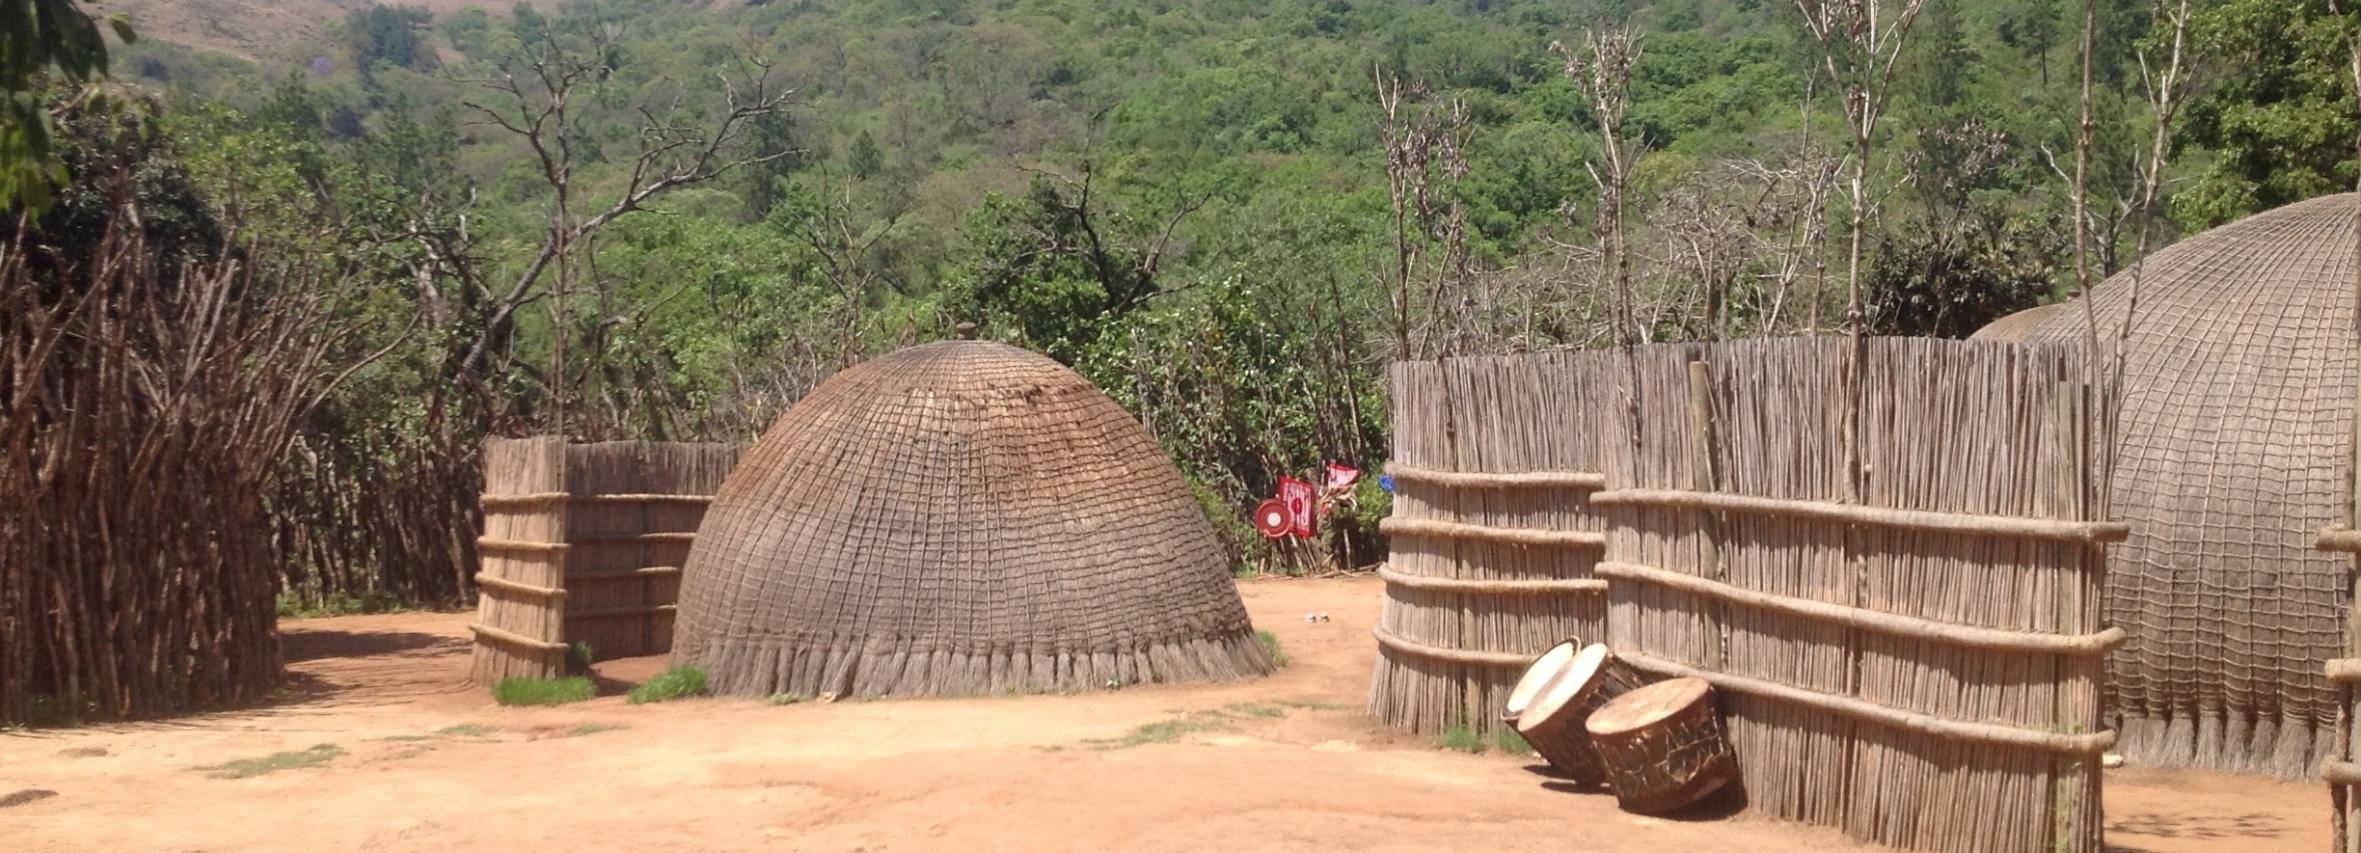 Ab Mbombela: Swaziland-Tagestour